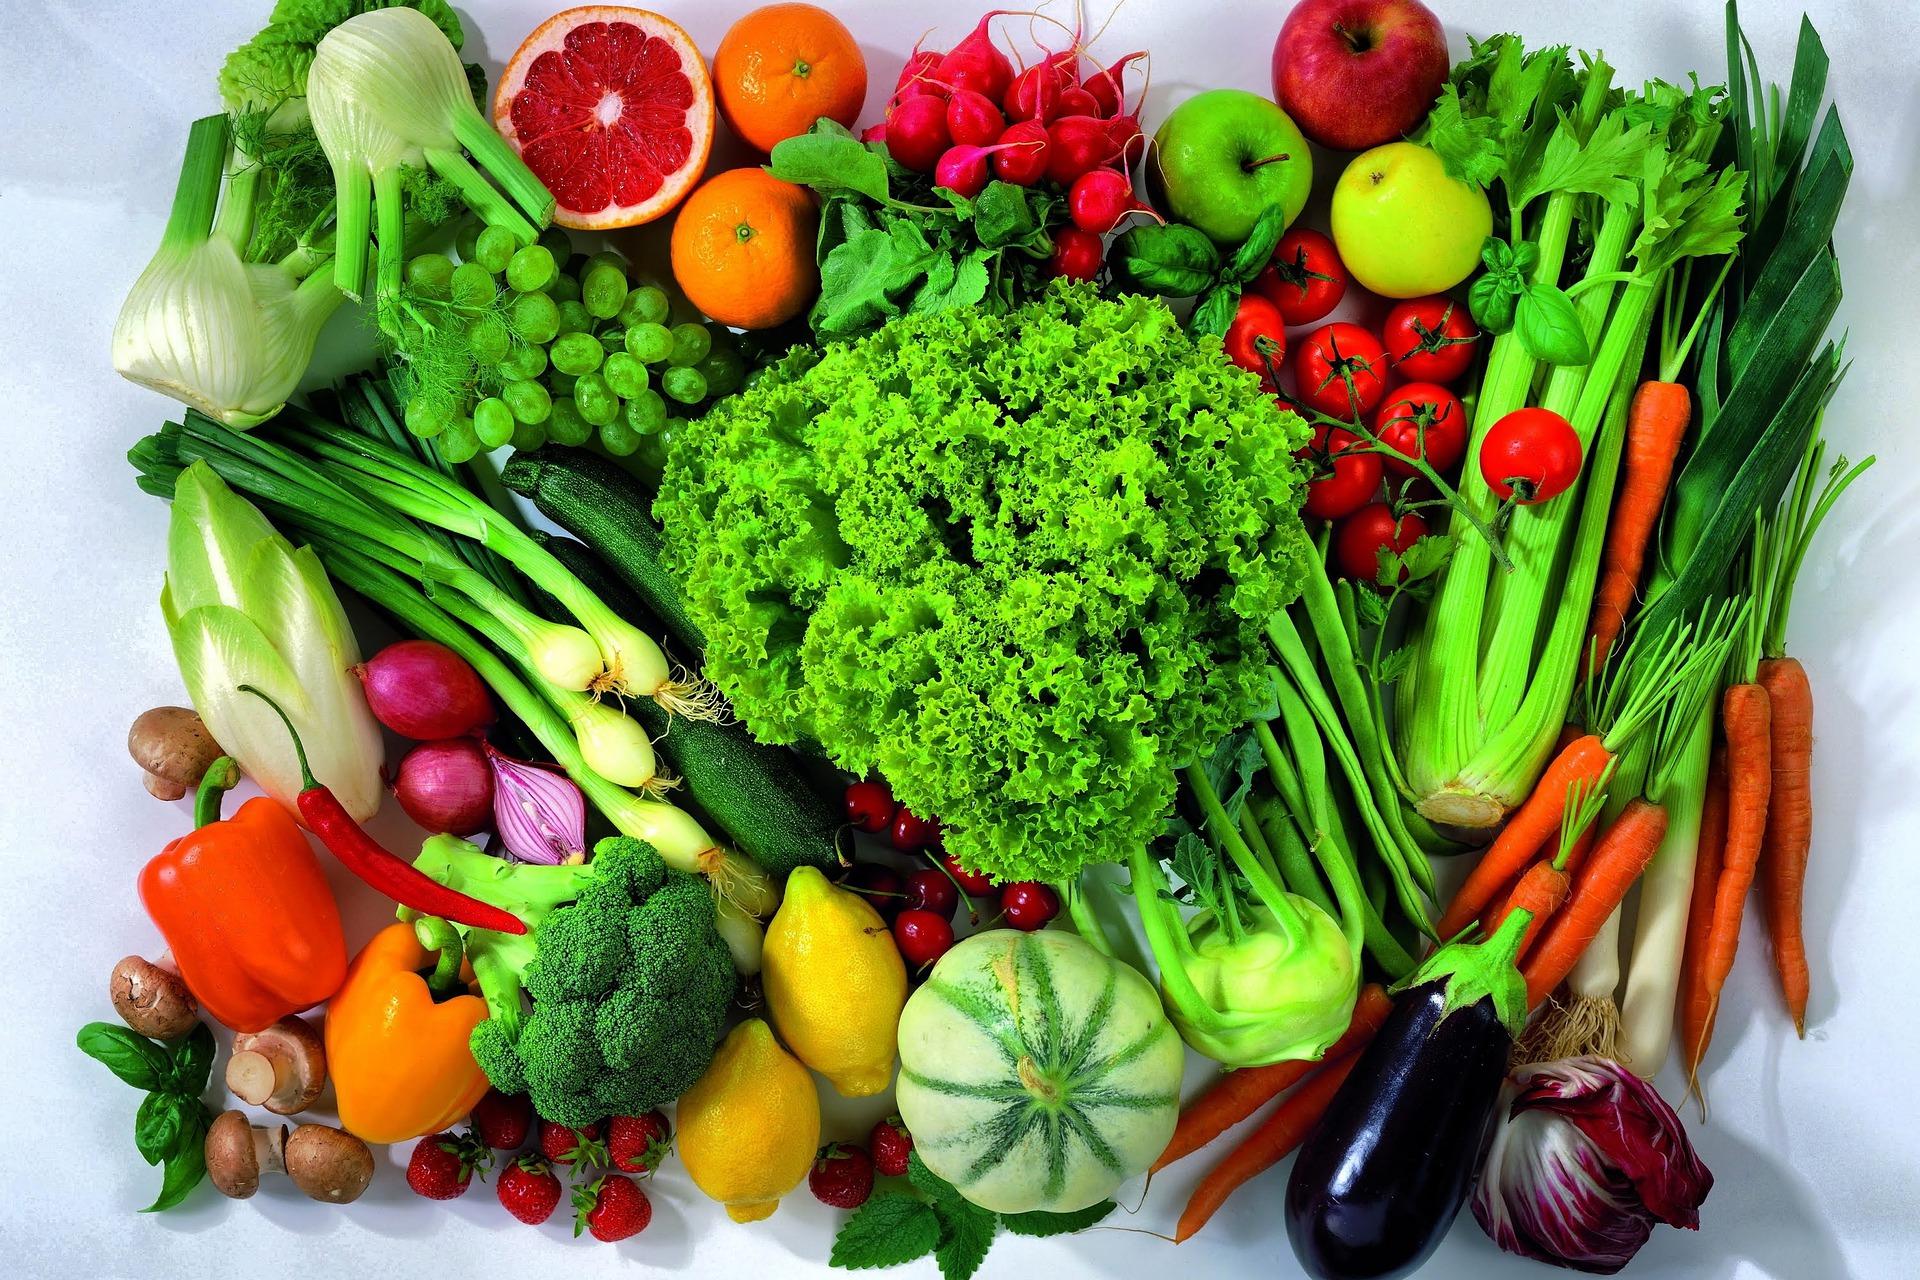 Jak potlačit nadměrnou chuť k jídlu? featured image